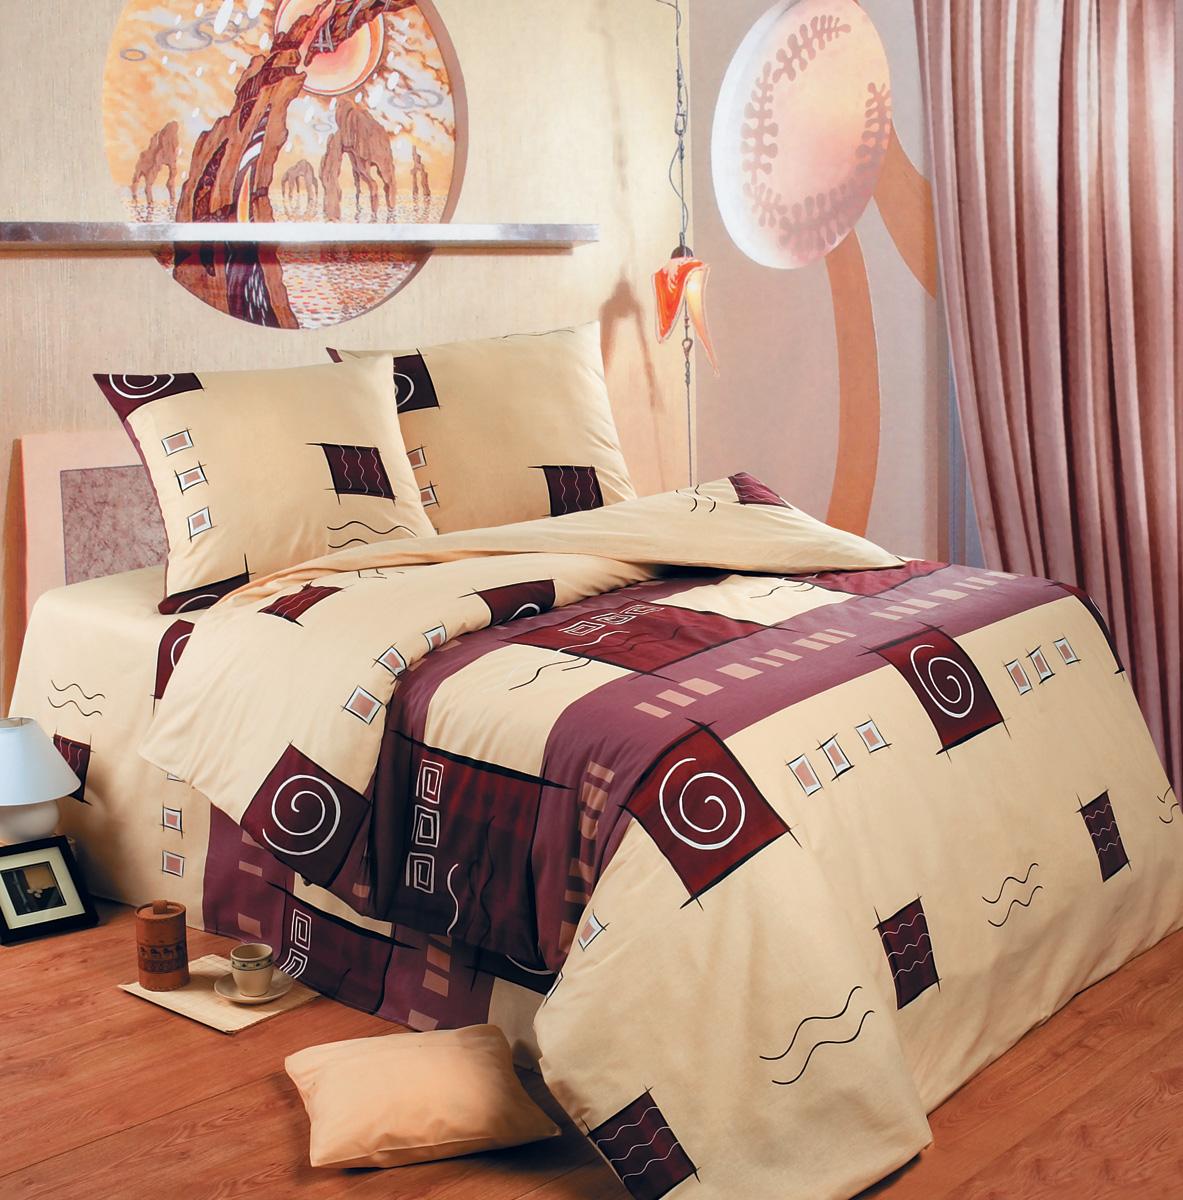 Комплект белья Любимый дом Дюна, 2-спальный, наволочки 70x70, цвет: бежевый327652Комплект постельного белья Любимый дом Дюна состоит из пододеяльника, простыни и двухнаволочек.Постельное белье оформлено оригинальным рисунком и имеет яркийвнешний вид.Белье изготовлено из новой ткани Биокомфорт, отвечающей всем необходимым нормативнымстандартам. Биокомфорт - это тканьполотняного переплетения, из экологически чистого инатурального 100% хлопка. Неоспоримым плюсом белья из такой ткани является мягкостьилегкость, она прекрасно пропускает воздух, приятна на ощупь, не образует катышков наповерхности и за ней легко ухаживать. При соблюдении рекомендаций по уходу, это белье выдерживает много стирок, не линяет и не теряет свою первоначальную прочность. Уникальная ткань обеспечивает легкую глажку.Приобретая комплект постельного белья Любимый дом Дюна, вы можете быть уверенны в том,что покупка доставит вам и вашим близким удовольствие и подарит максимальный комфорт.